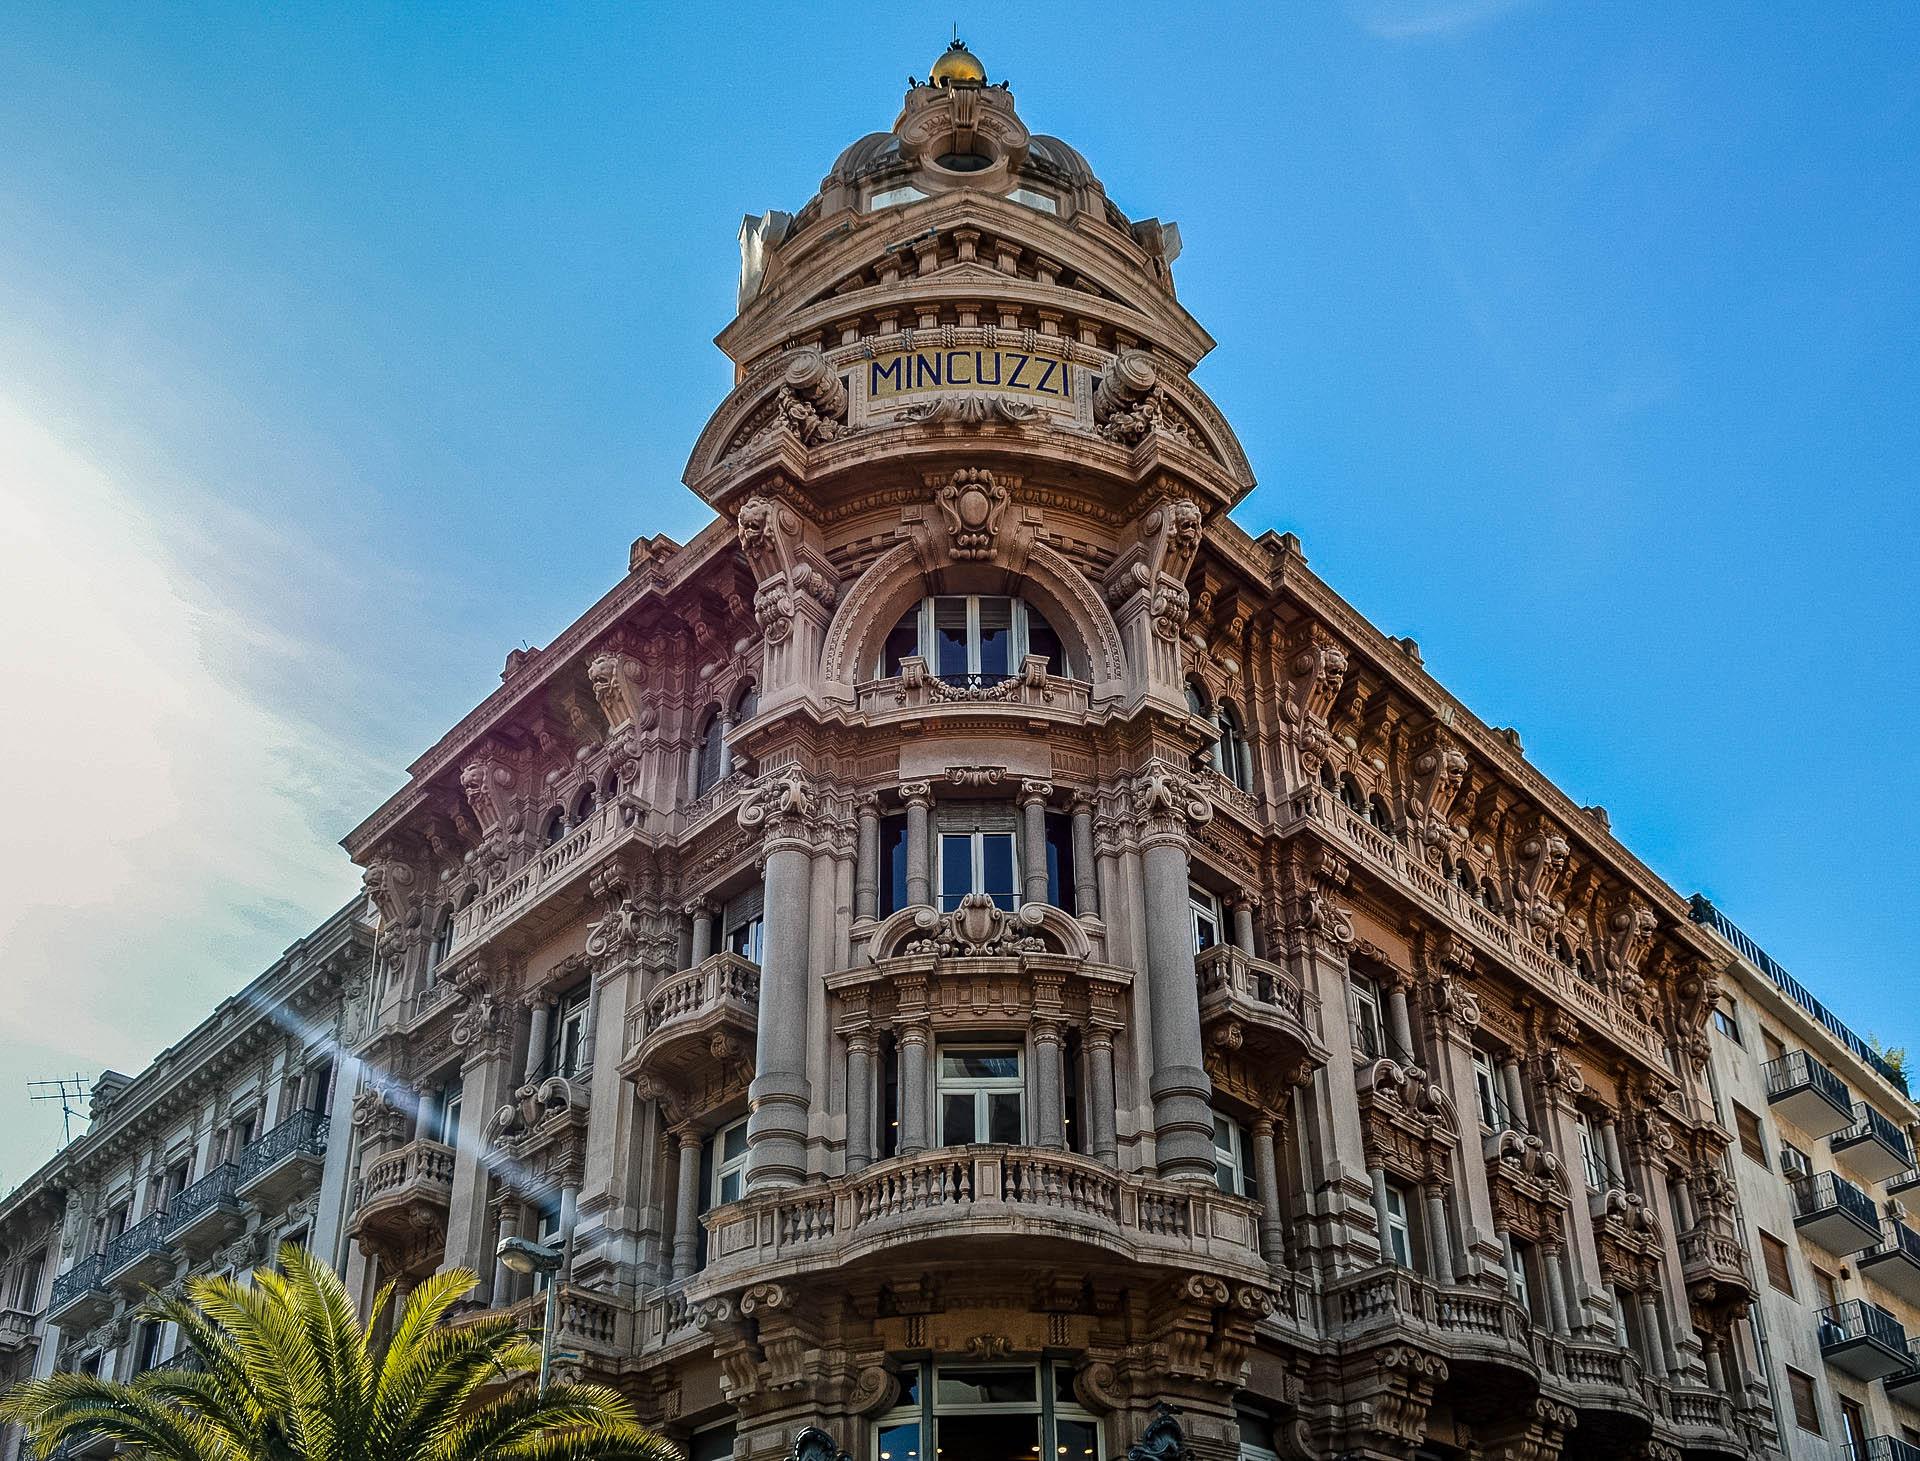 Bari nowe miasto palazzo mincuzzi